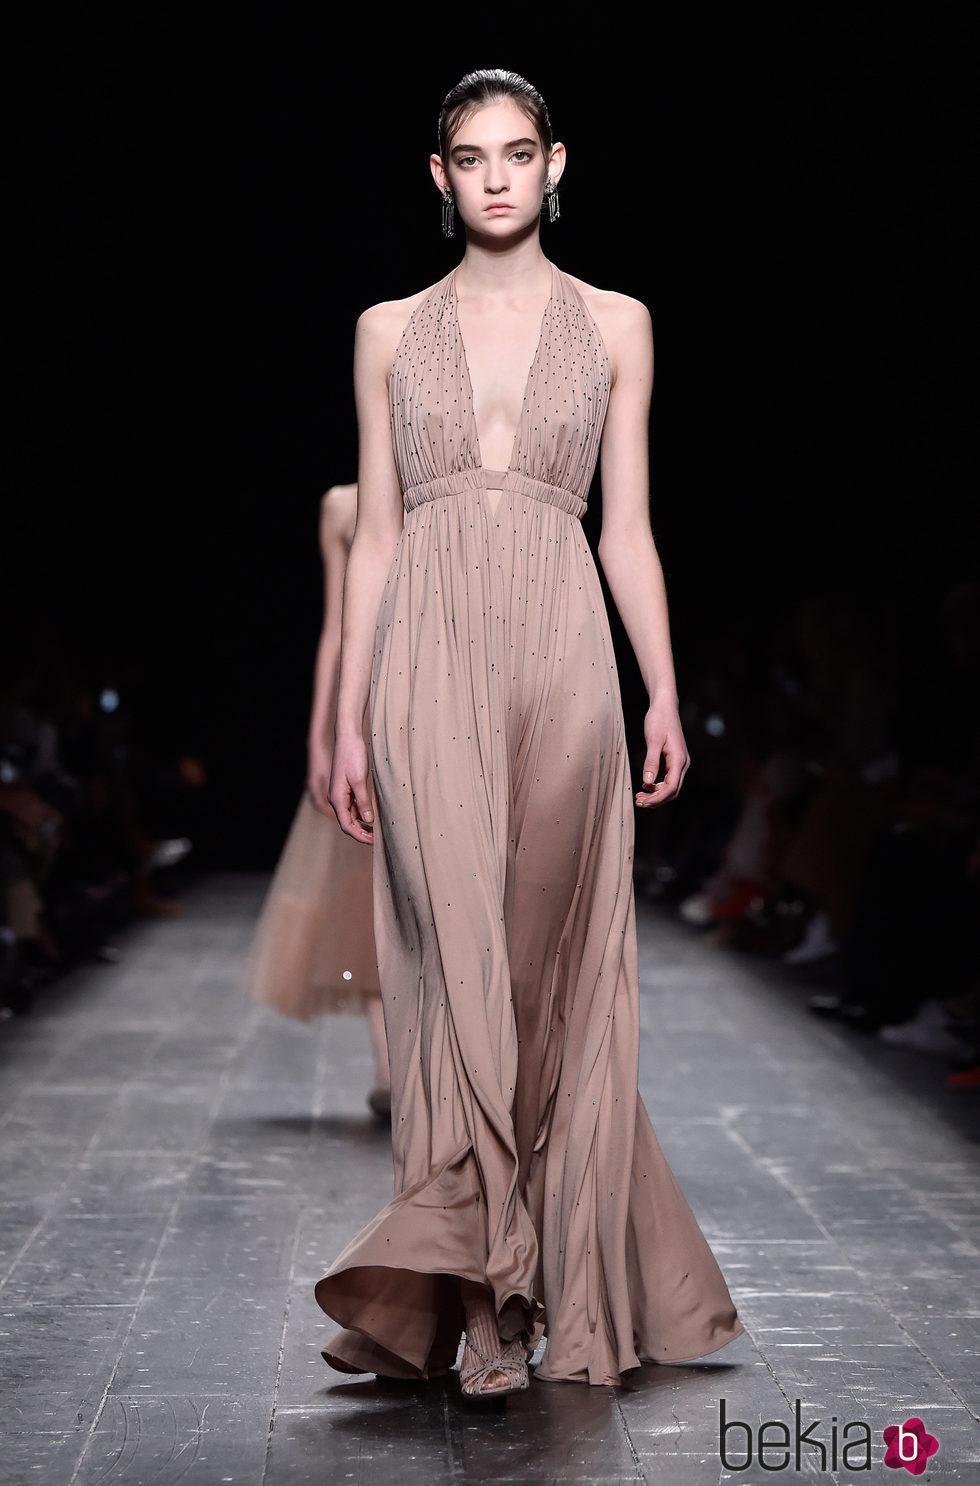 Vestido De Noche De Las Mujeres Moda Vintage Colores Mode